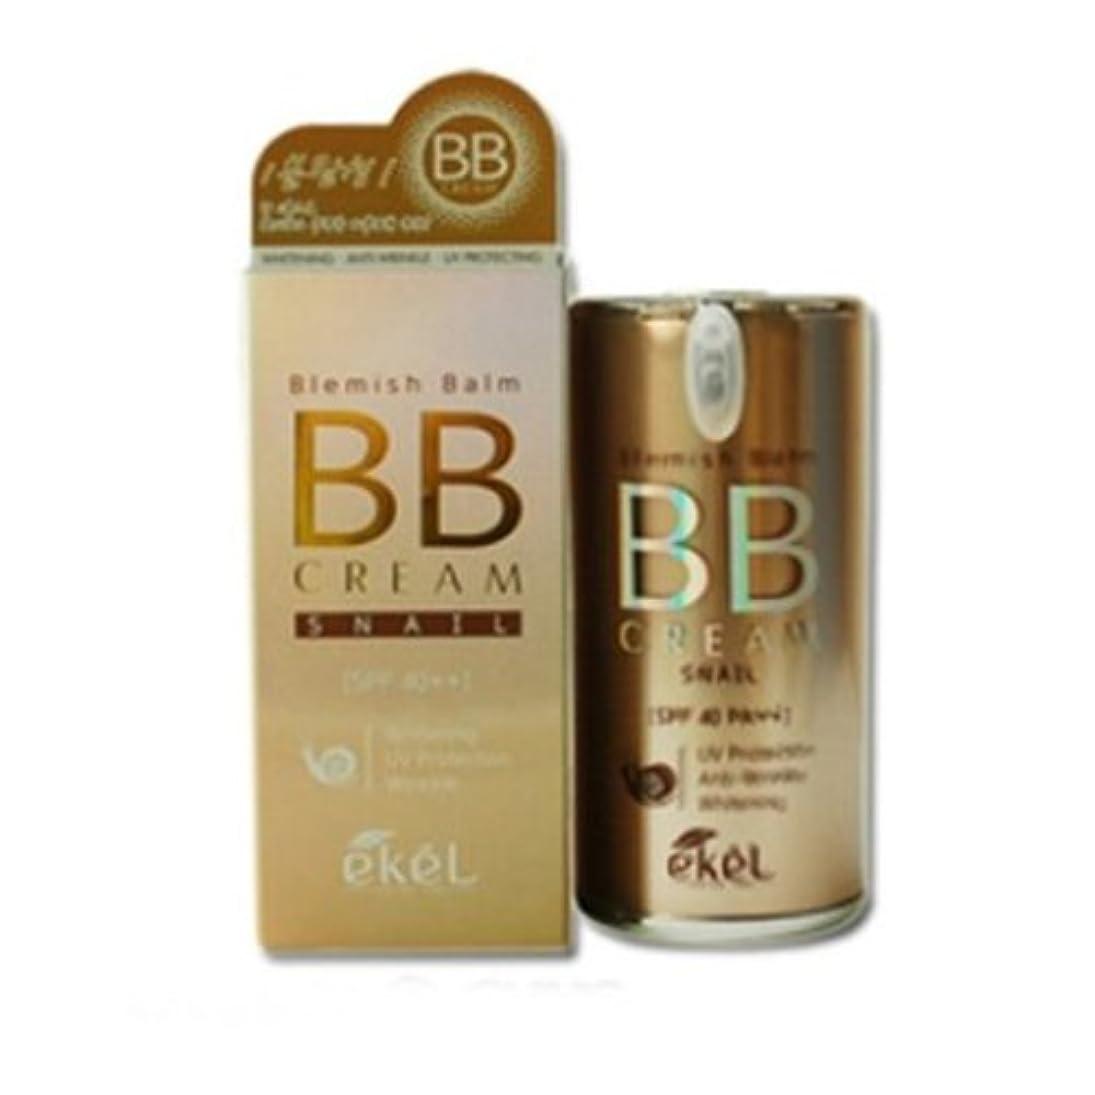 アンティーク美しいスキャンイケル[韓国コスメEkel]Blemish Balm Snail BB Cream ブレムスバームカタツムリBBクリーム50g SPF40 PA++[並行輸入品]